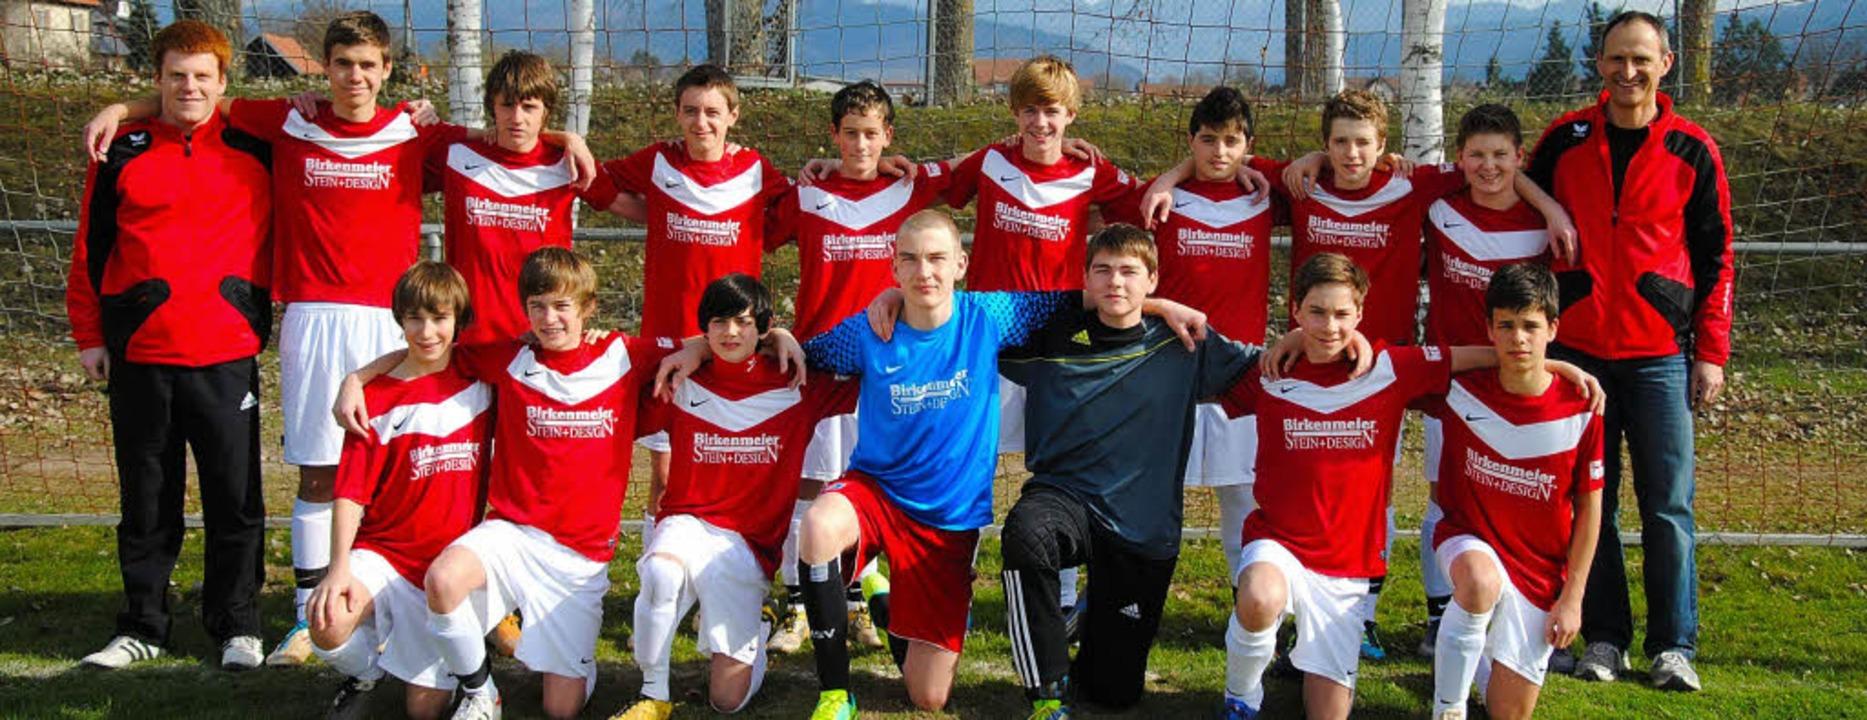 Überlegen errangen die C-Junioren der ...sel den Meistertitel in der Kreisliga.    Foto: privat